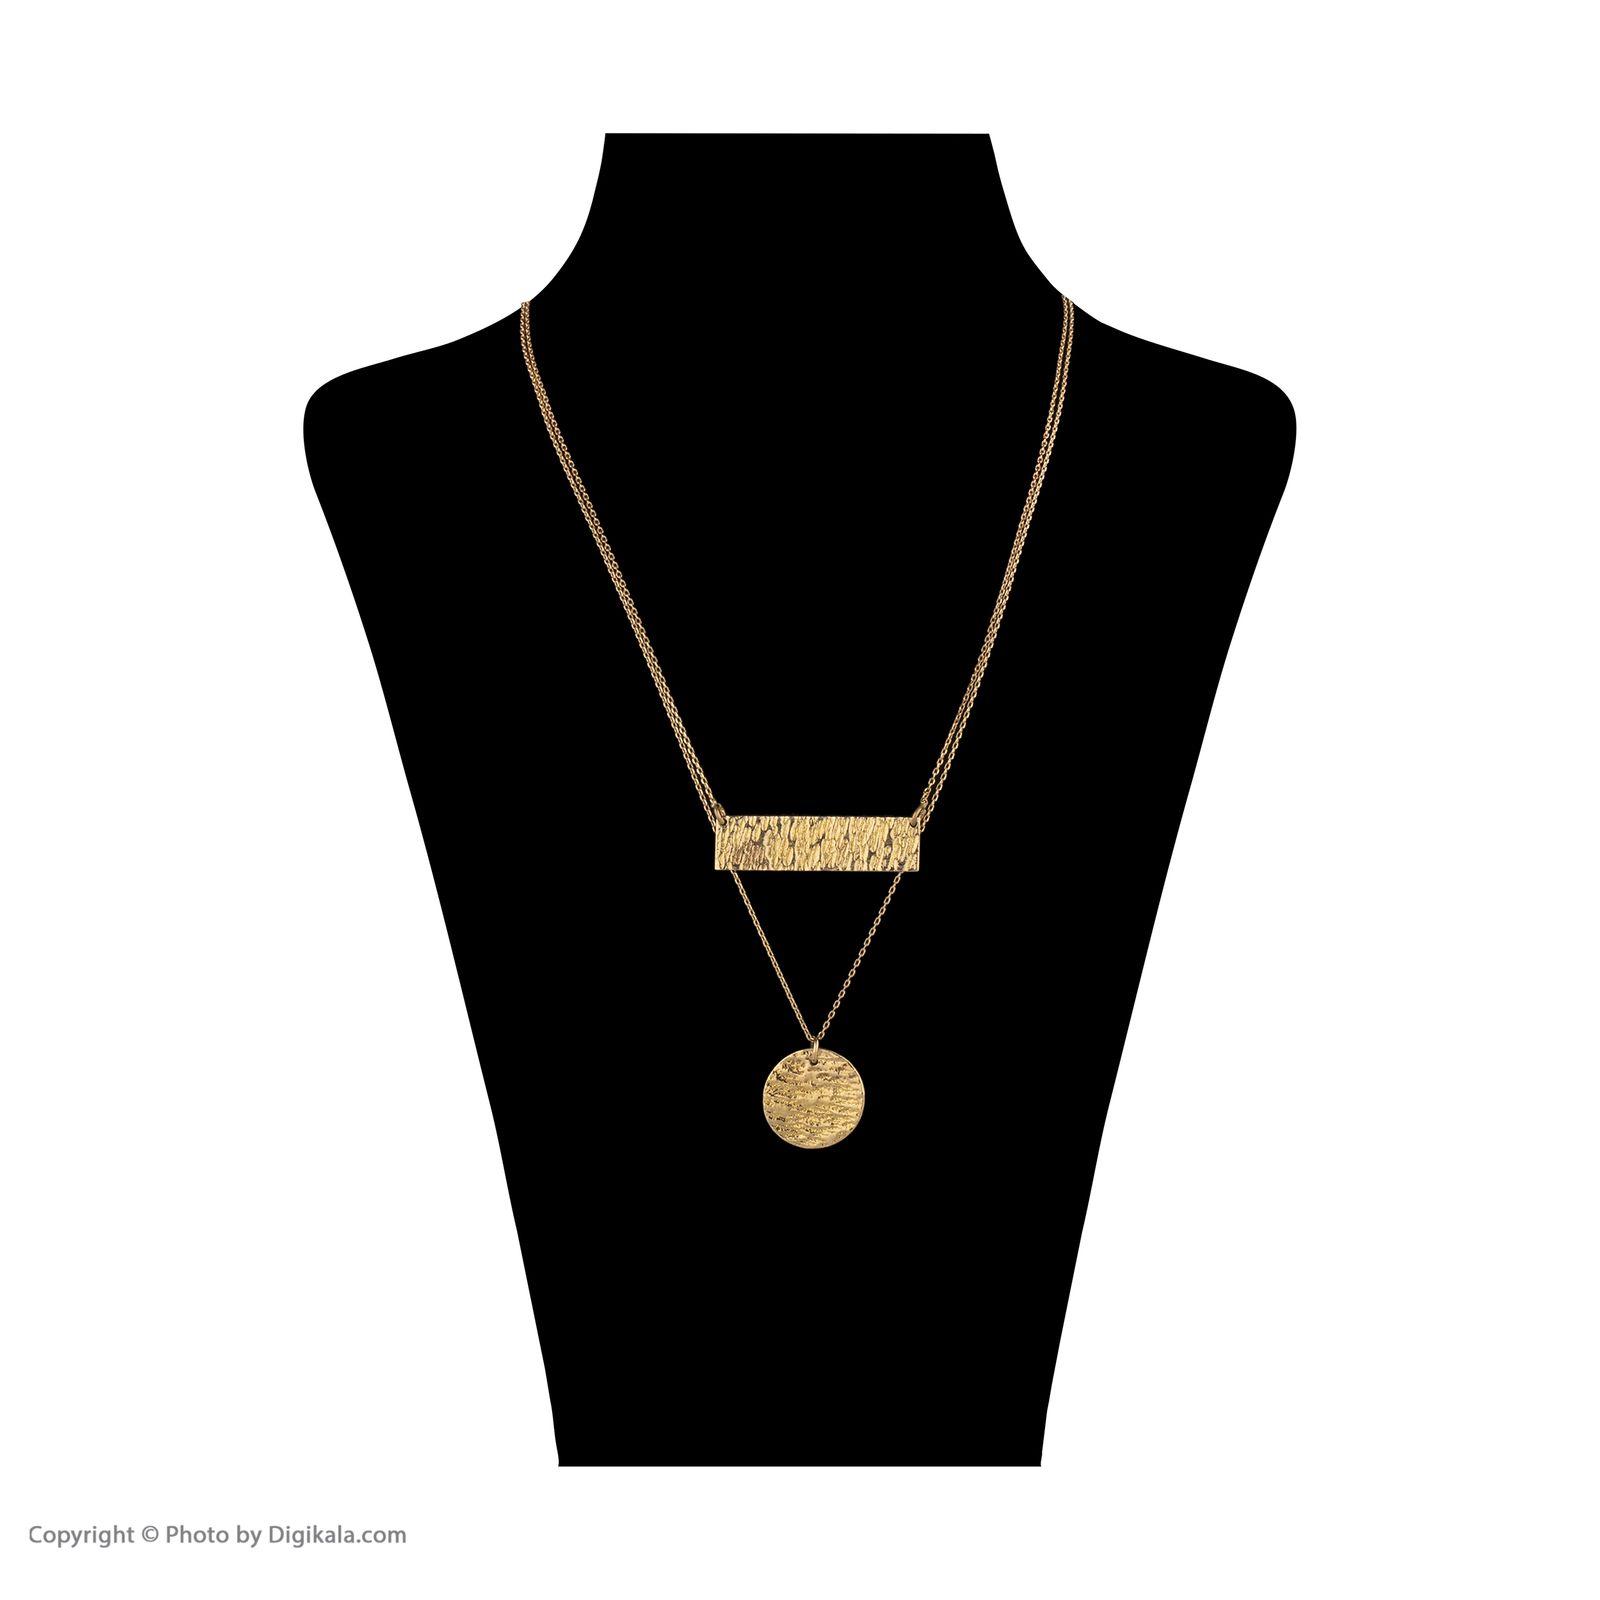 گردنبند طلا 18 عیار زنانه سنجاق مدل X077574 -  - 2